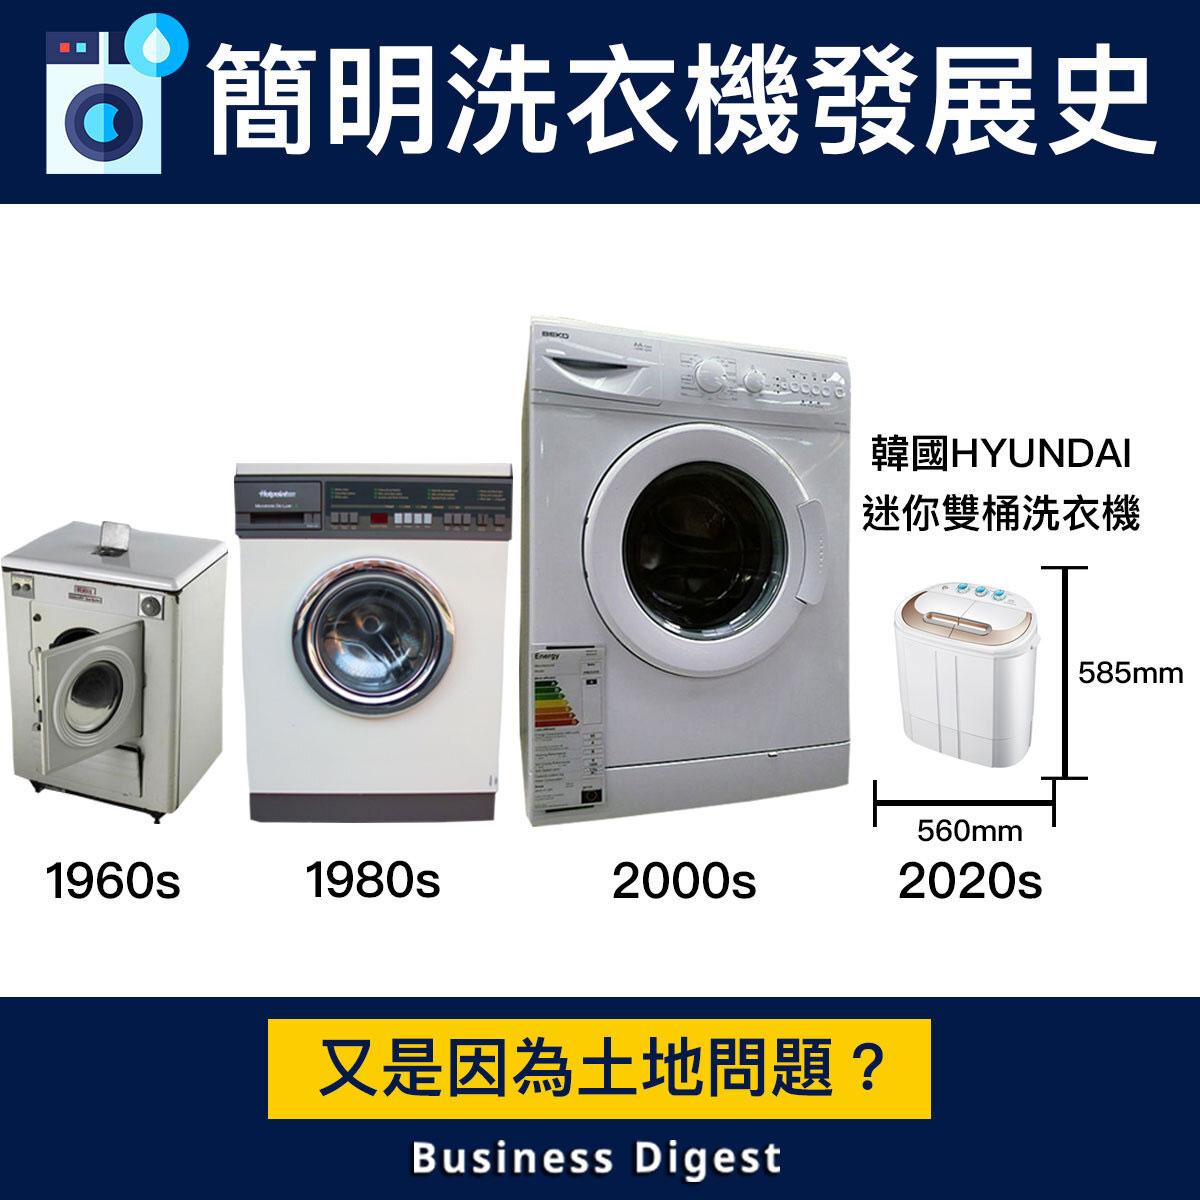 【商品發展史】簡明洗衣機發展史